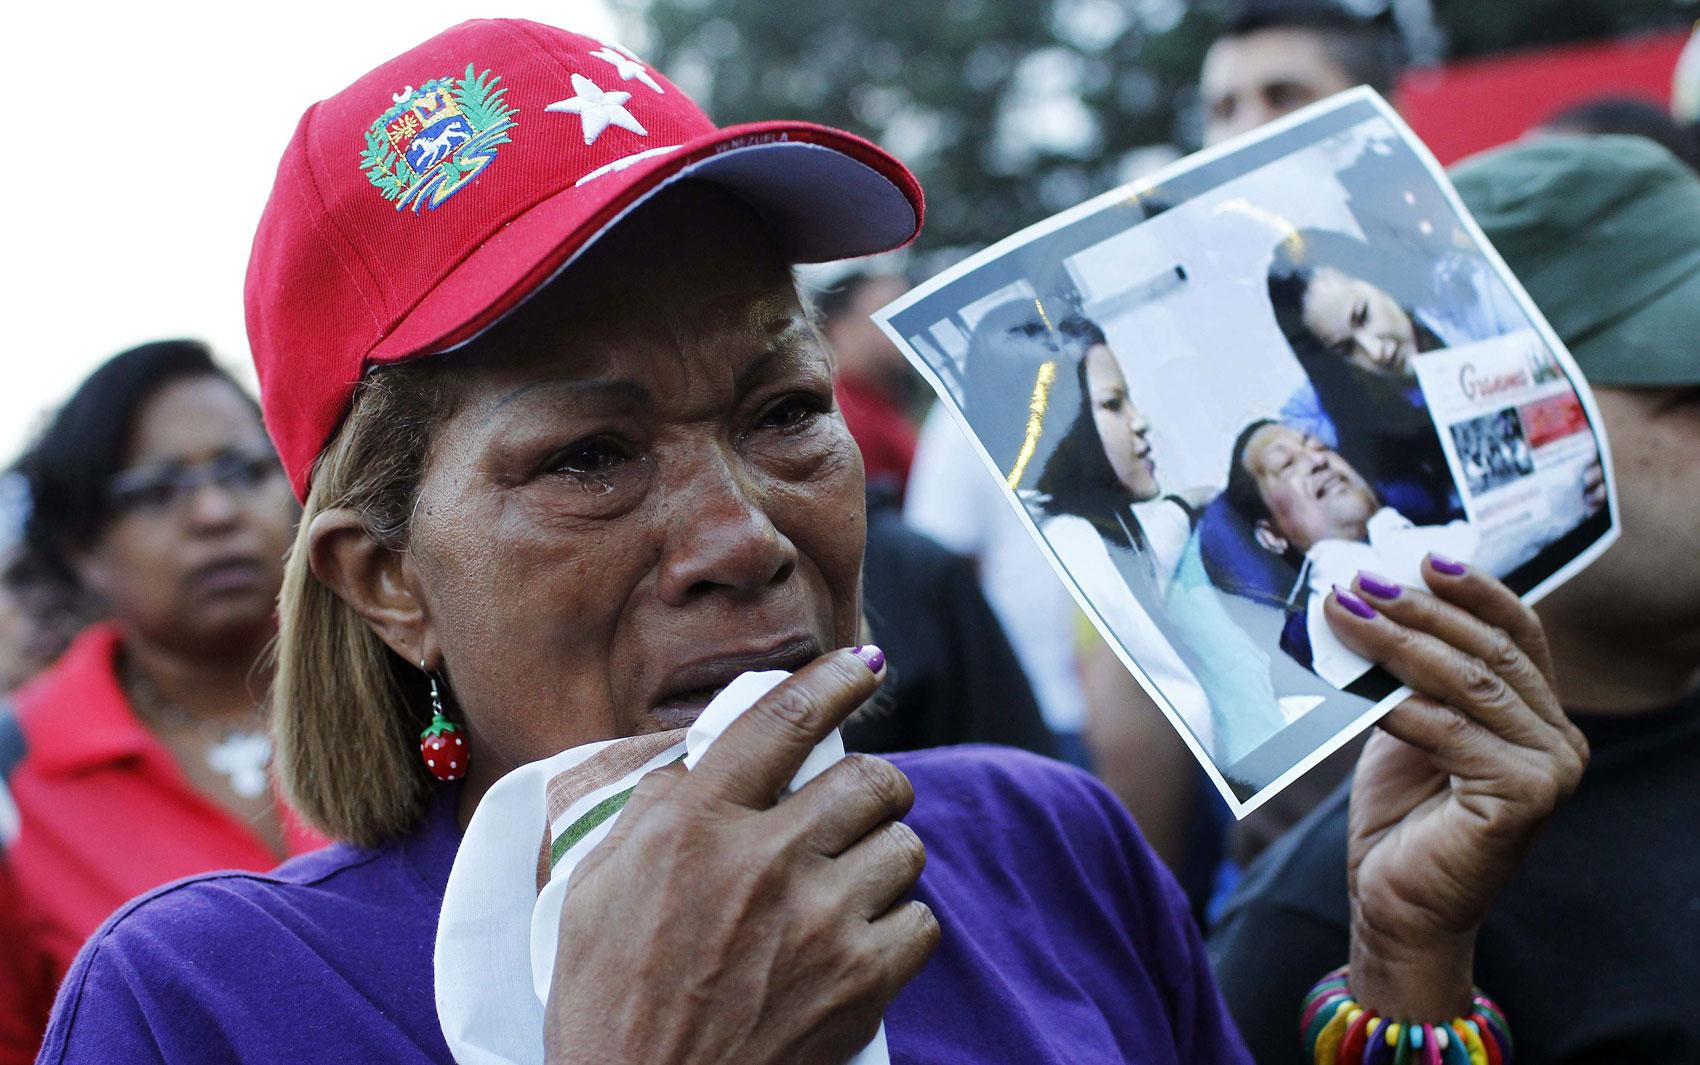 Com foto de Hugo Chávez na mão, venezuelana chora após o anúncio da morte do presidente do país